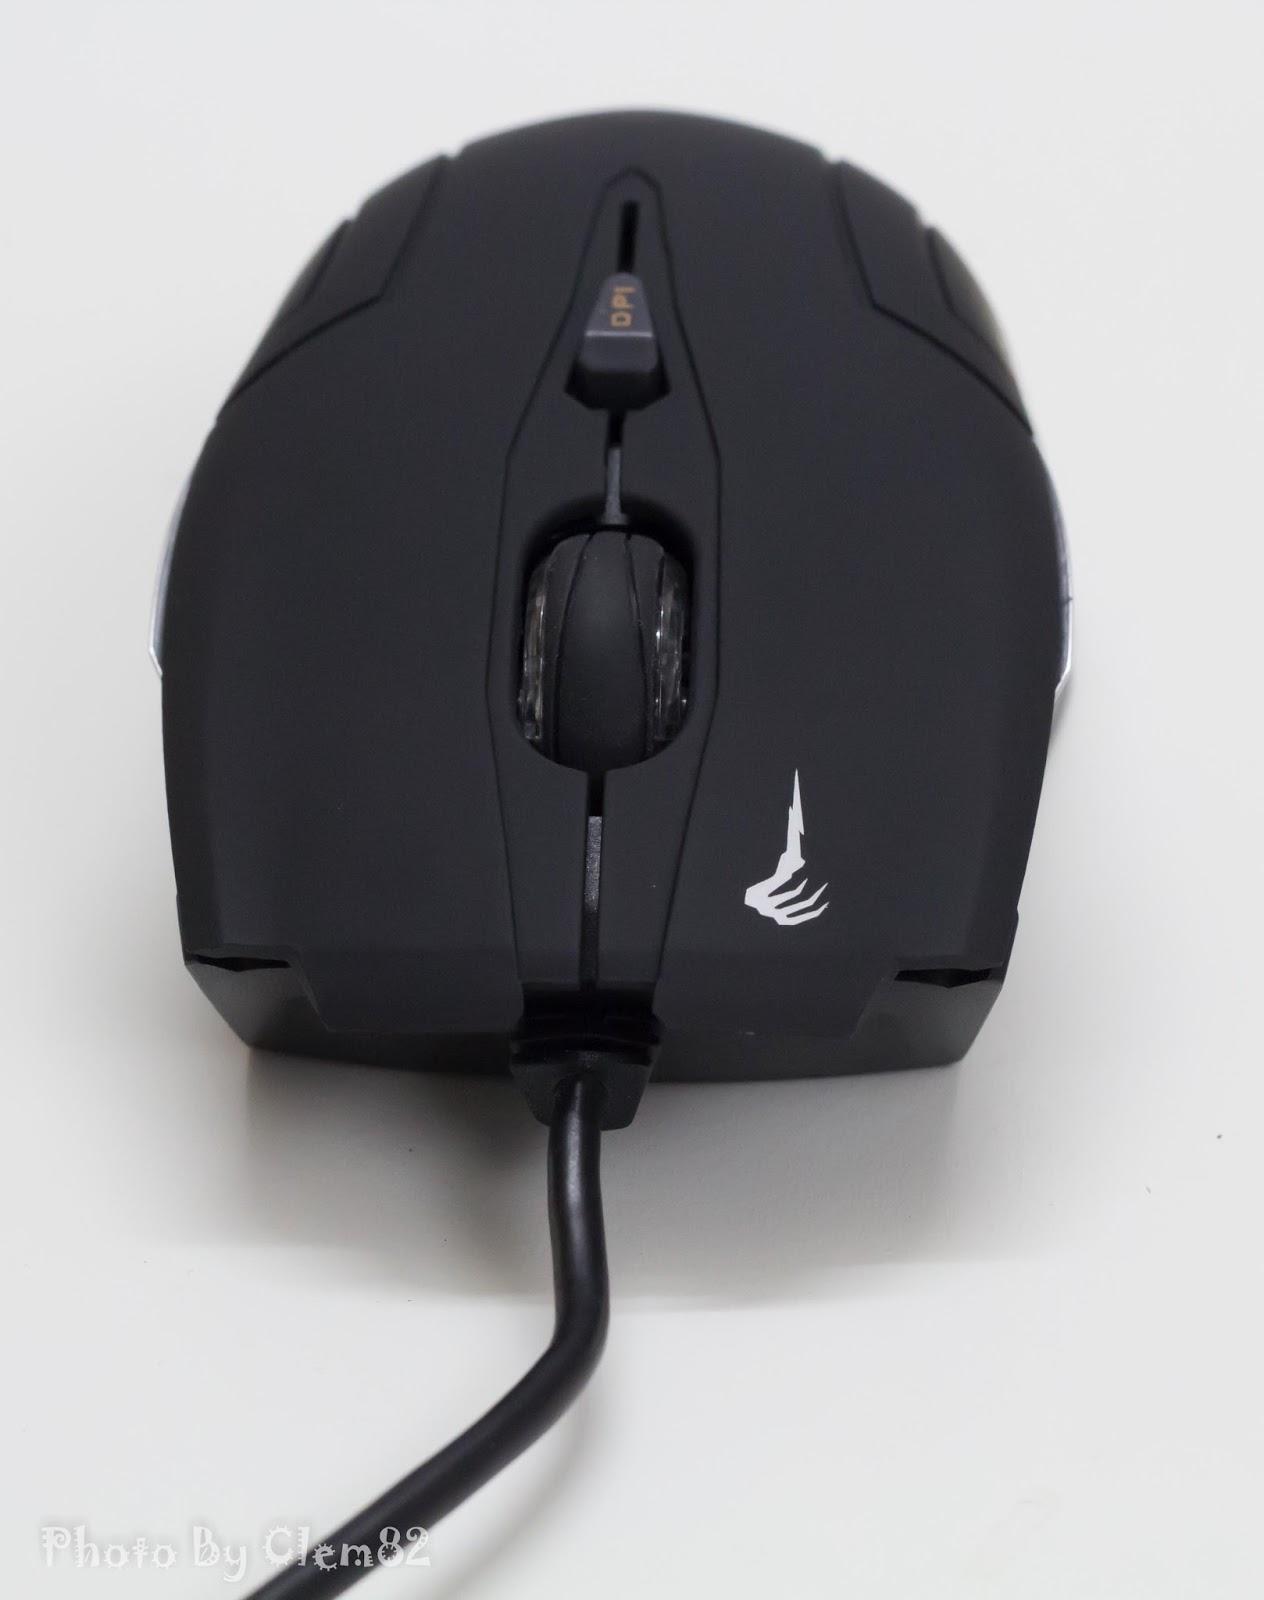 Gamdias Demeter Optical Gaming Mouse 5